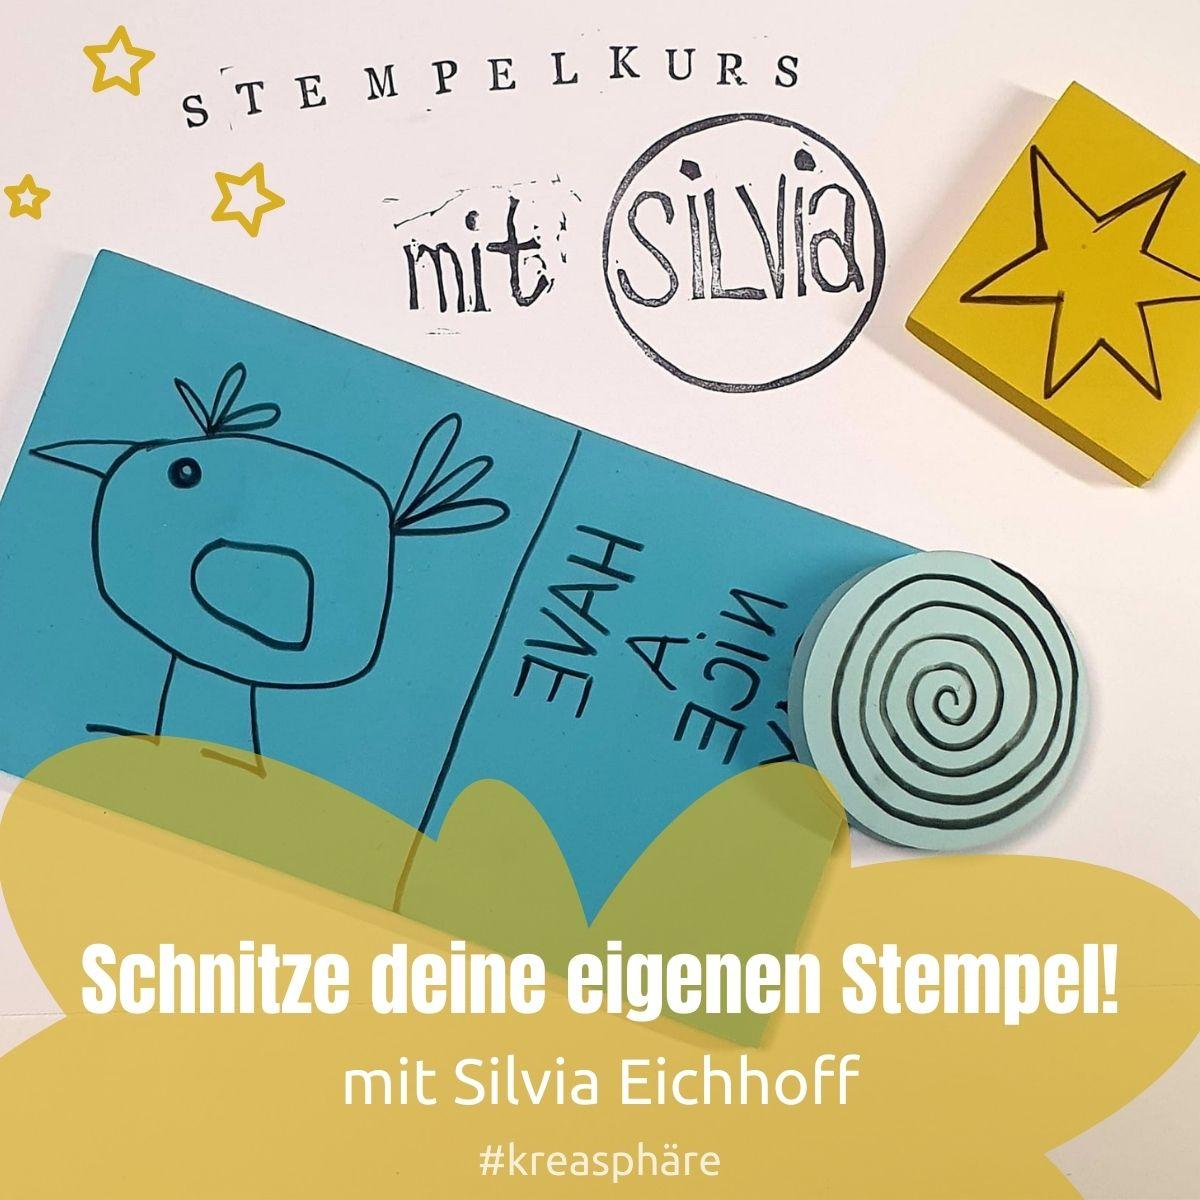 Titelbild Stempelkurs mit Silvia